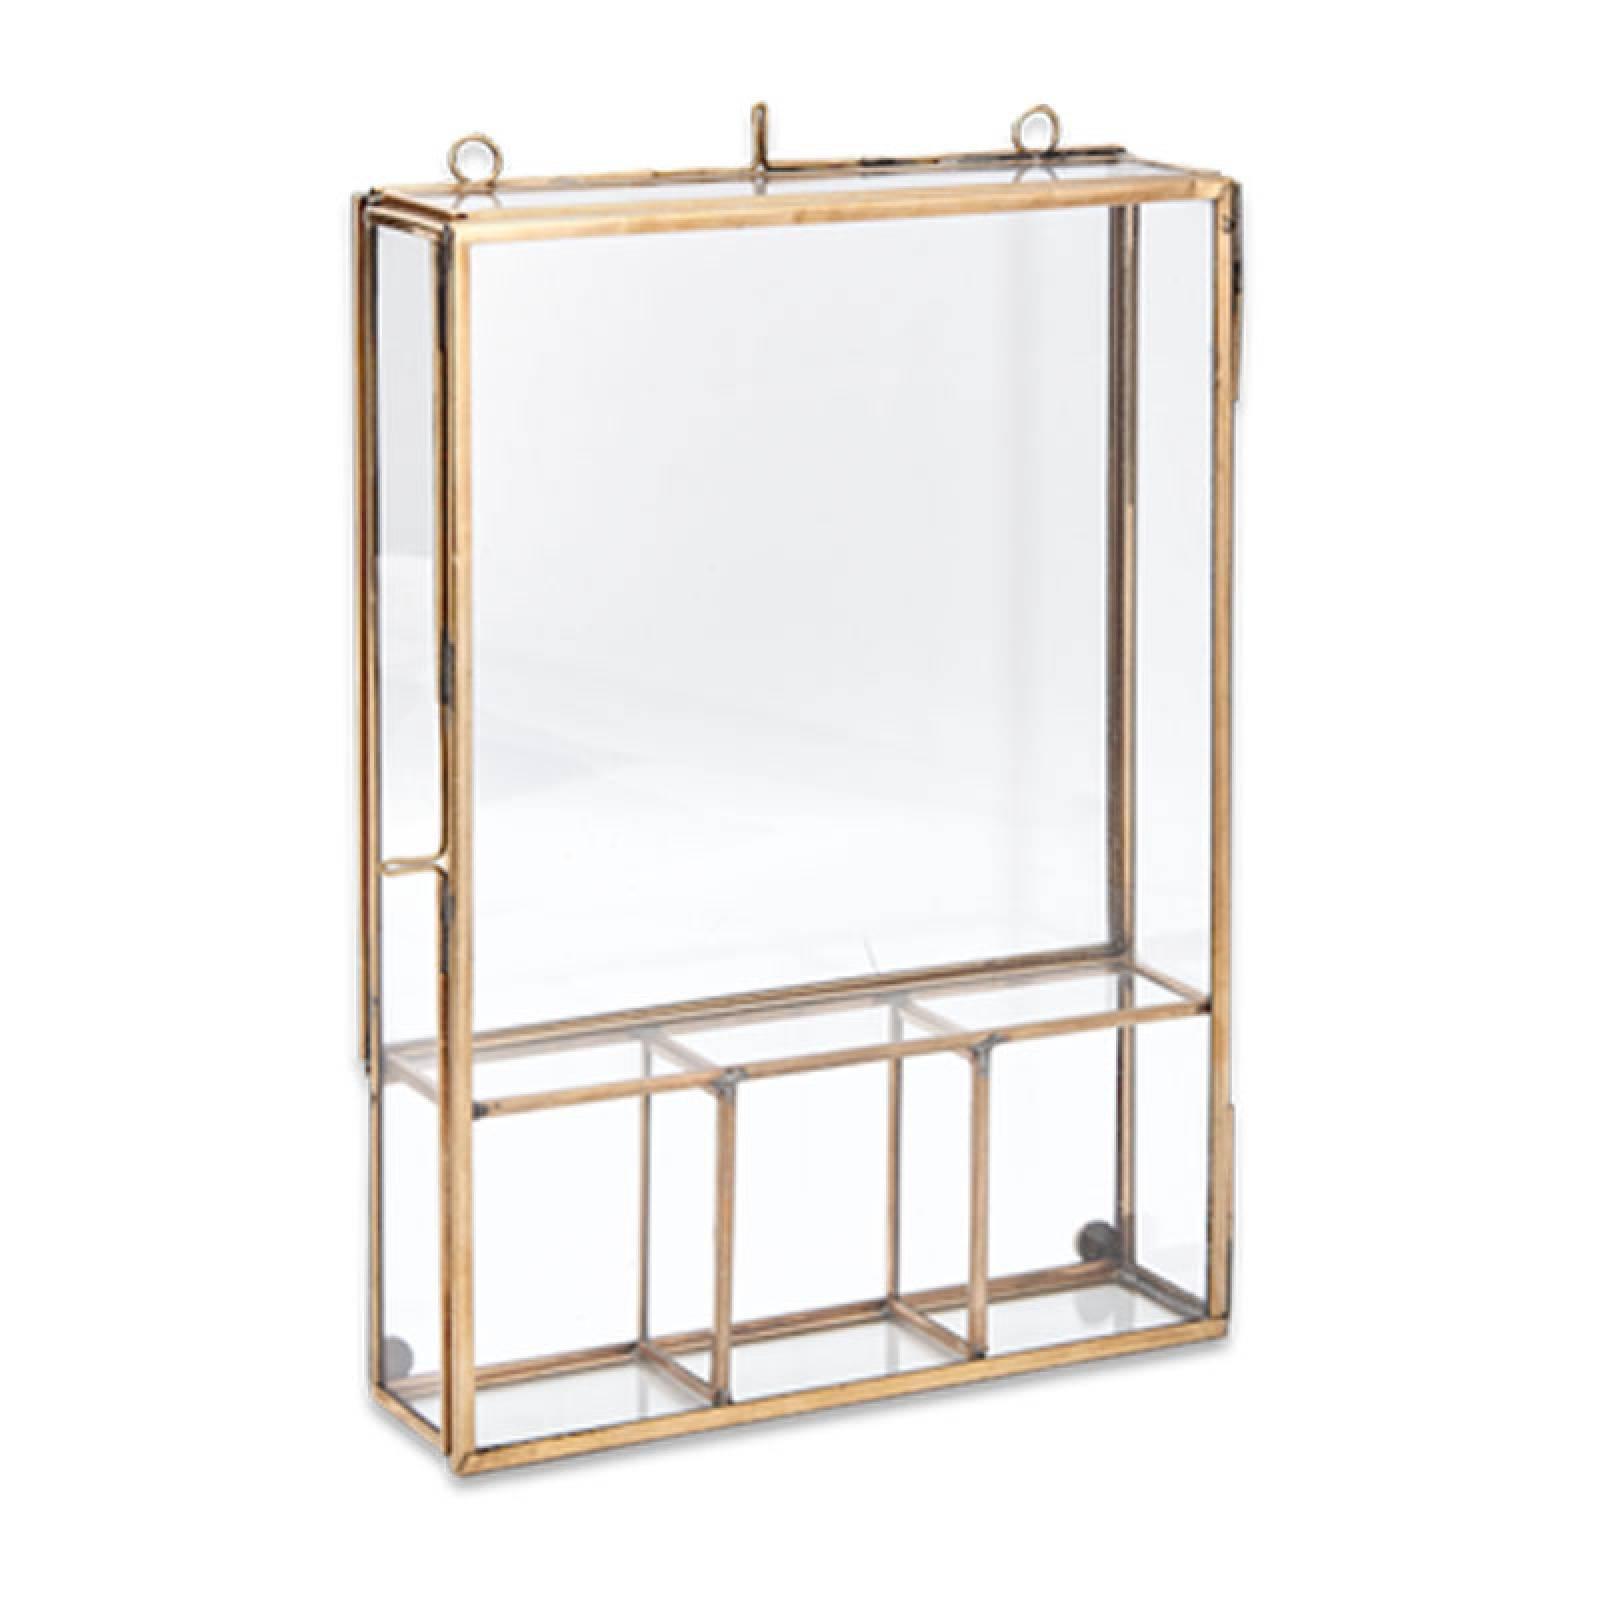 Kiko Brass And Glass Wall Mounting Photo Box